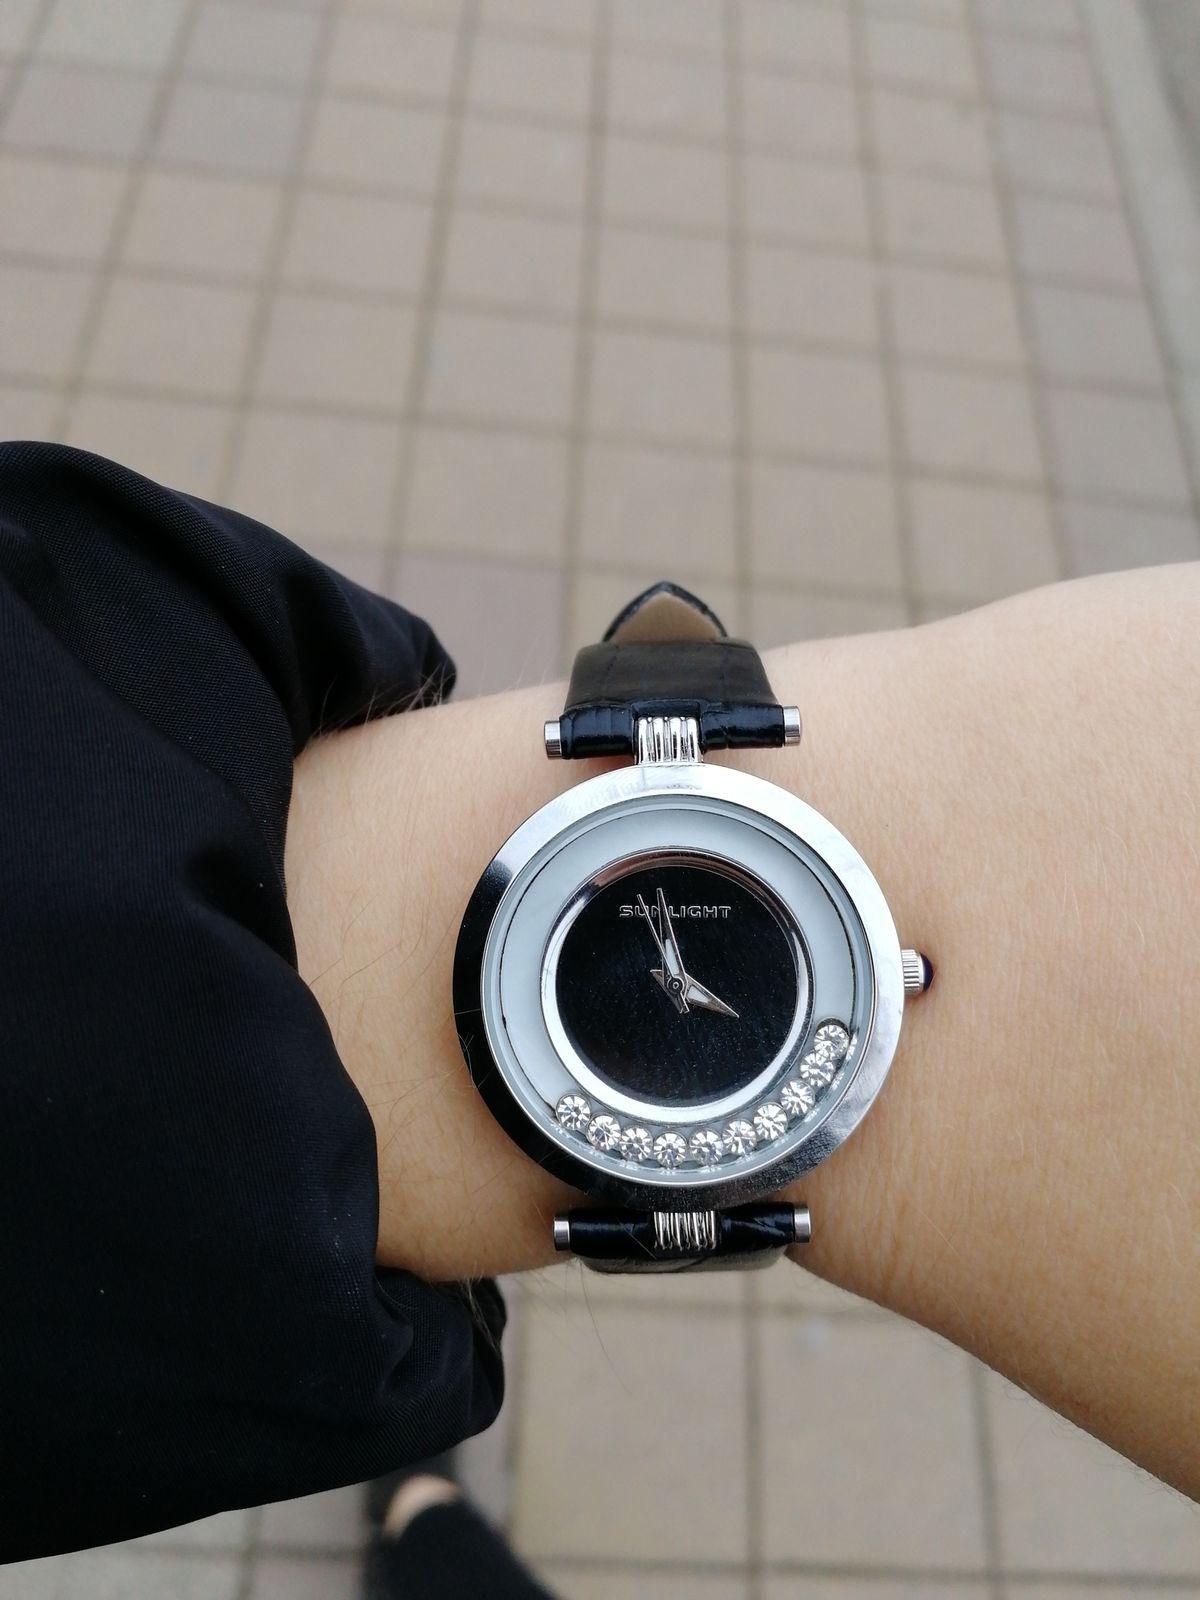 Хорошие часы, с приятной ценой.